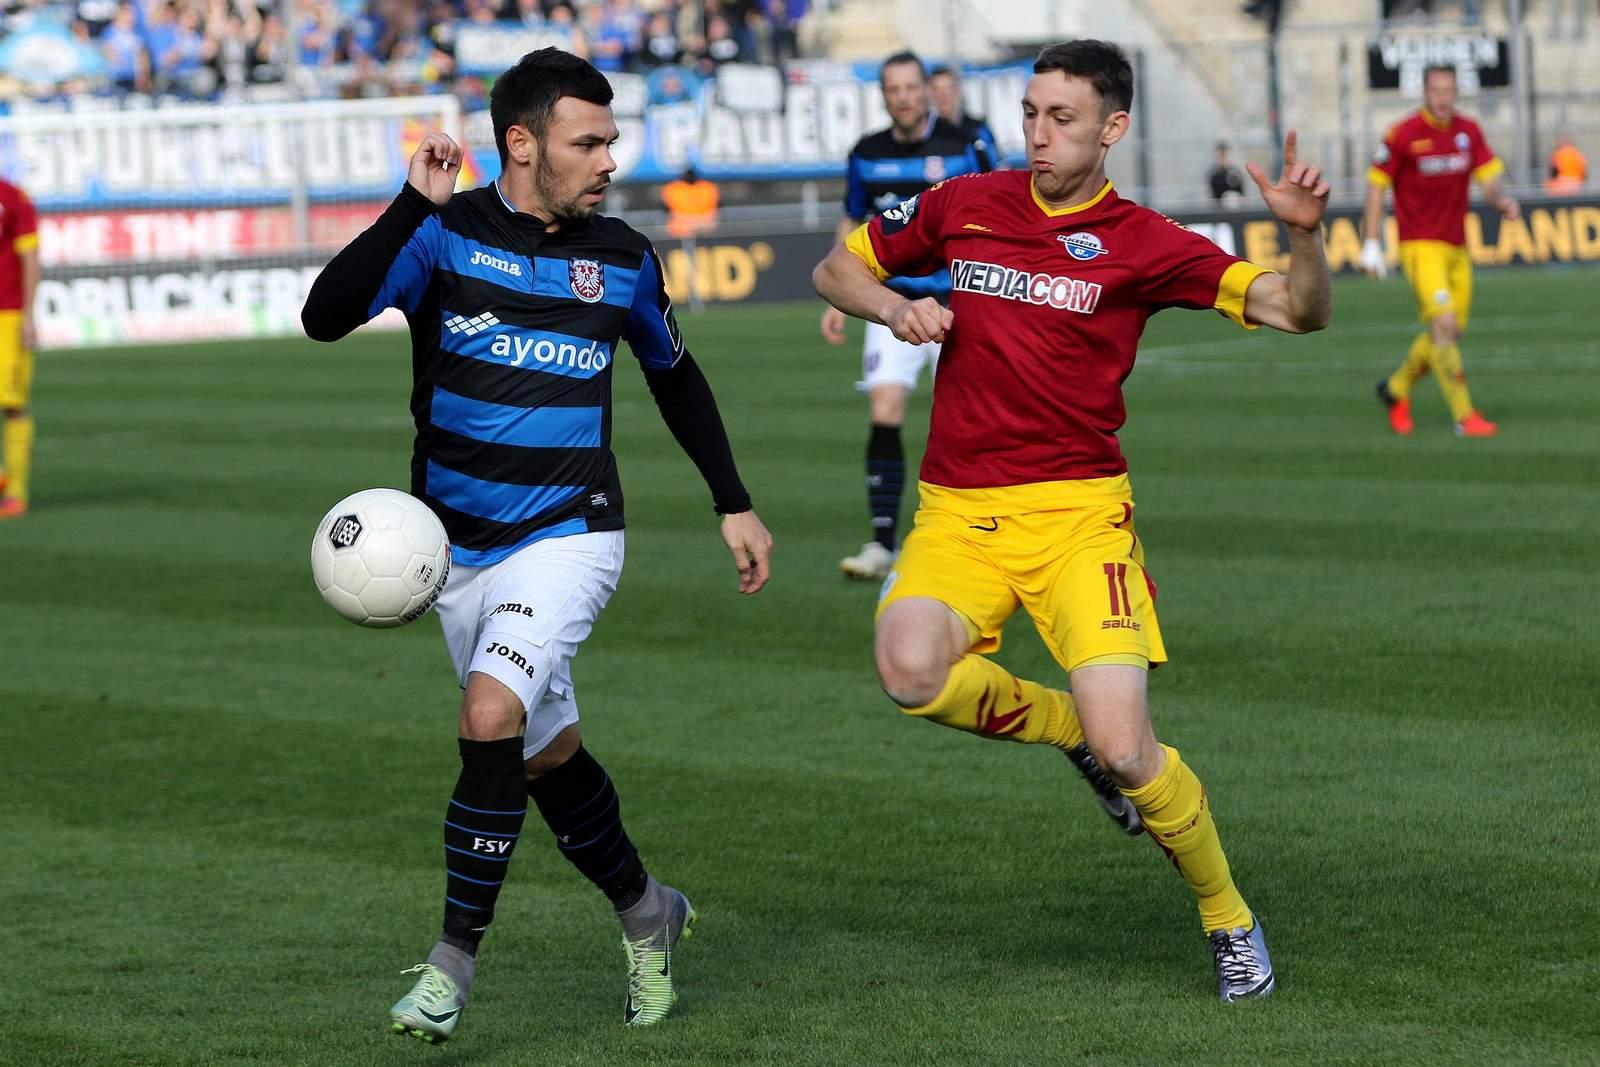 Christian Bickel läuft Massimo Ornatelli an. Jetzt auf Paderborn gegen FSV Frankfurt wetten!